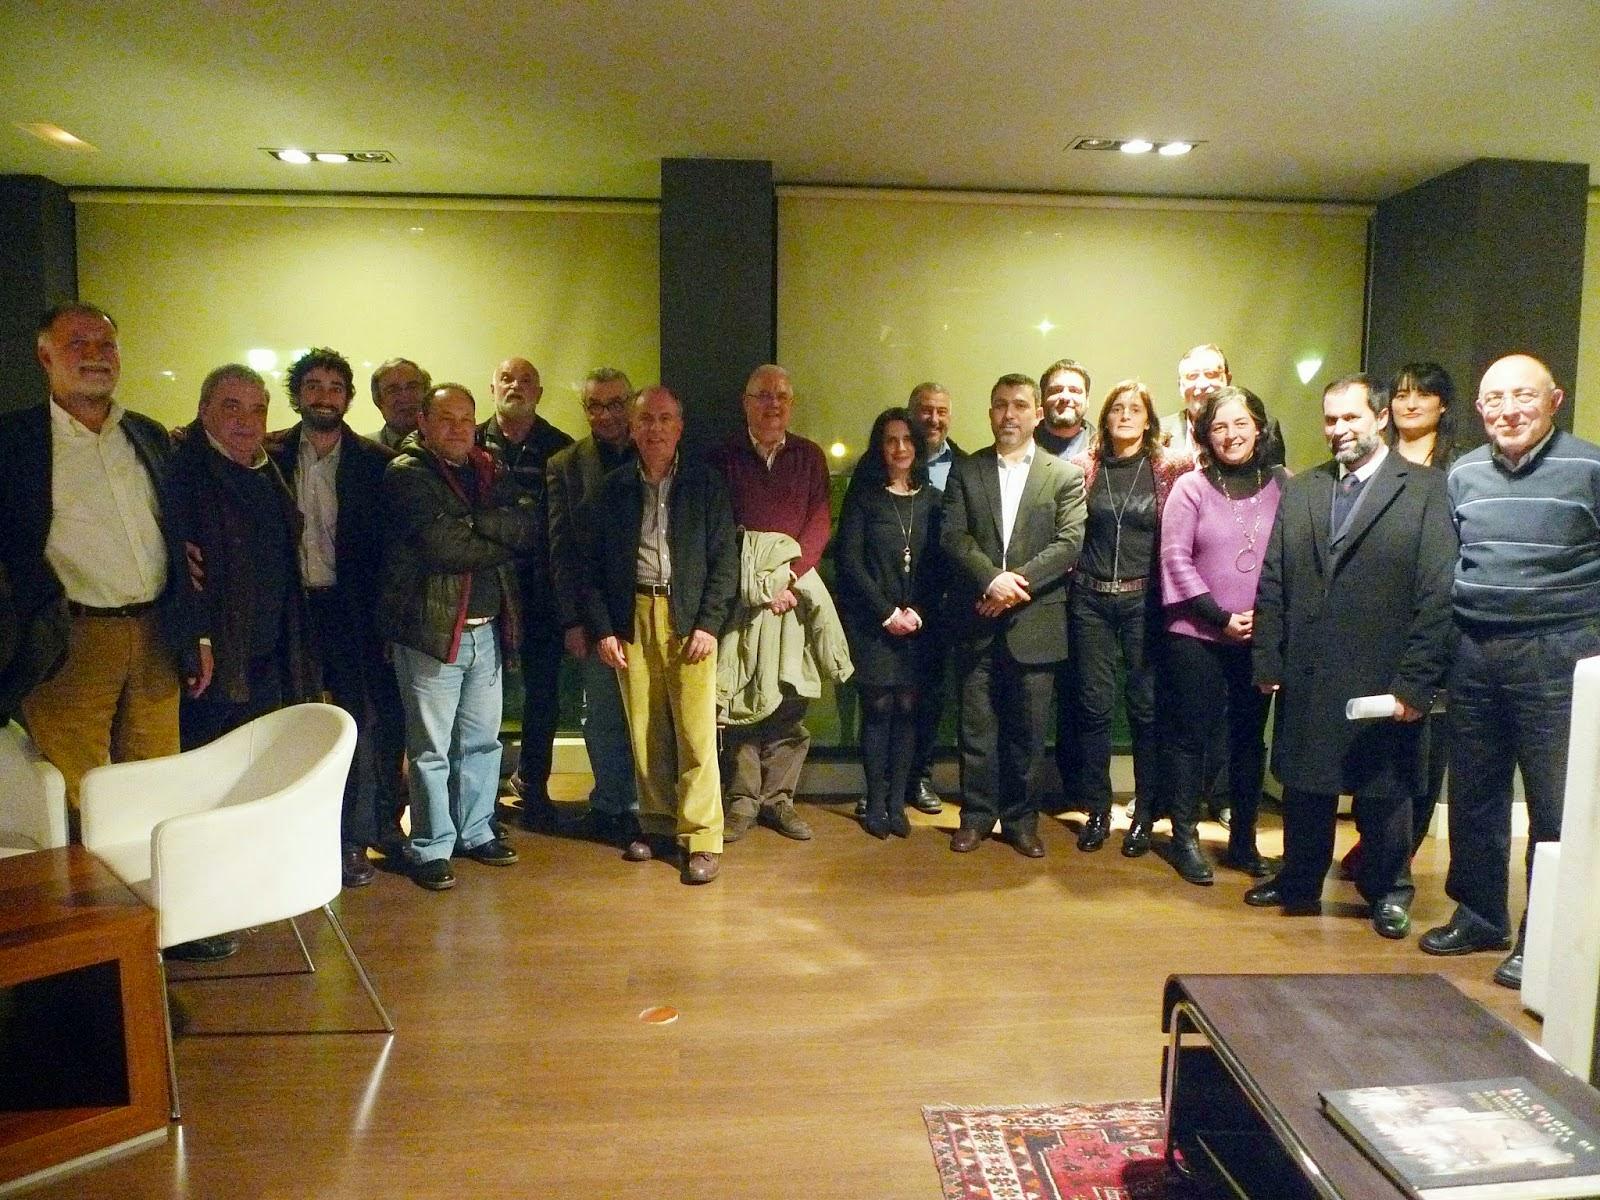 El presidente de UCIDCAT invitado a un Coloquio por la coordinadora del Ámbito de Reflexión Social (ARS) de Tarragona